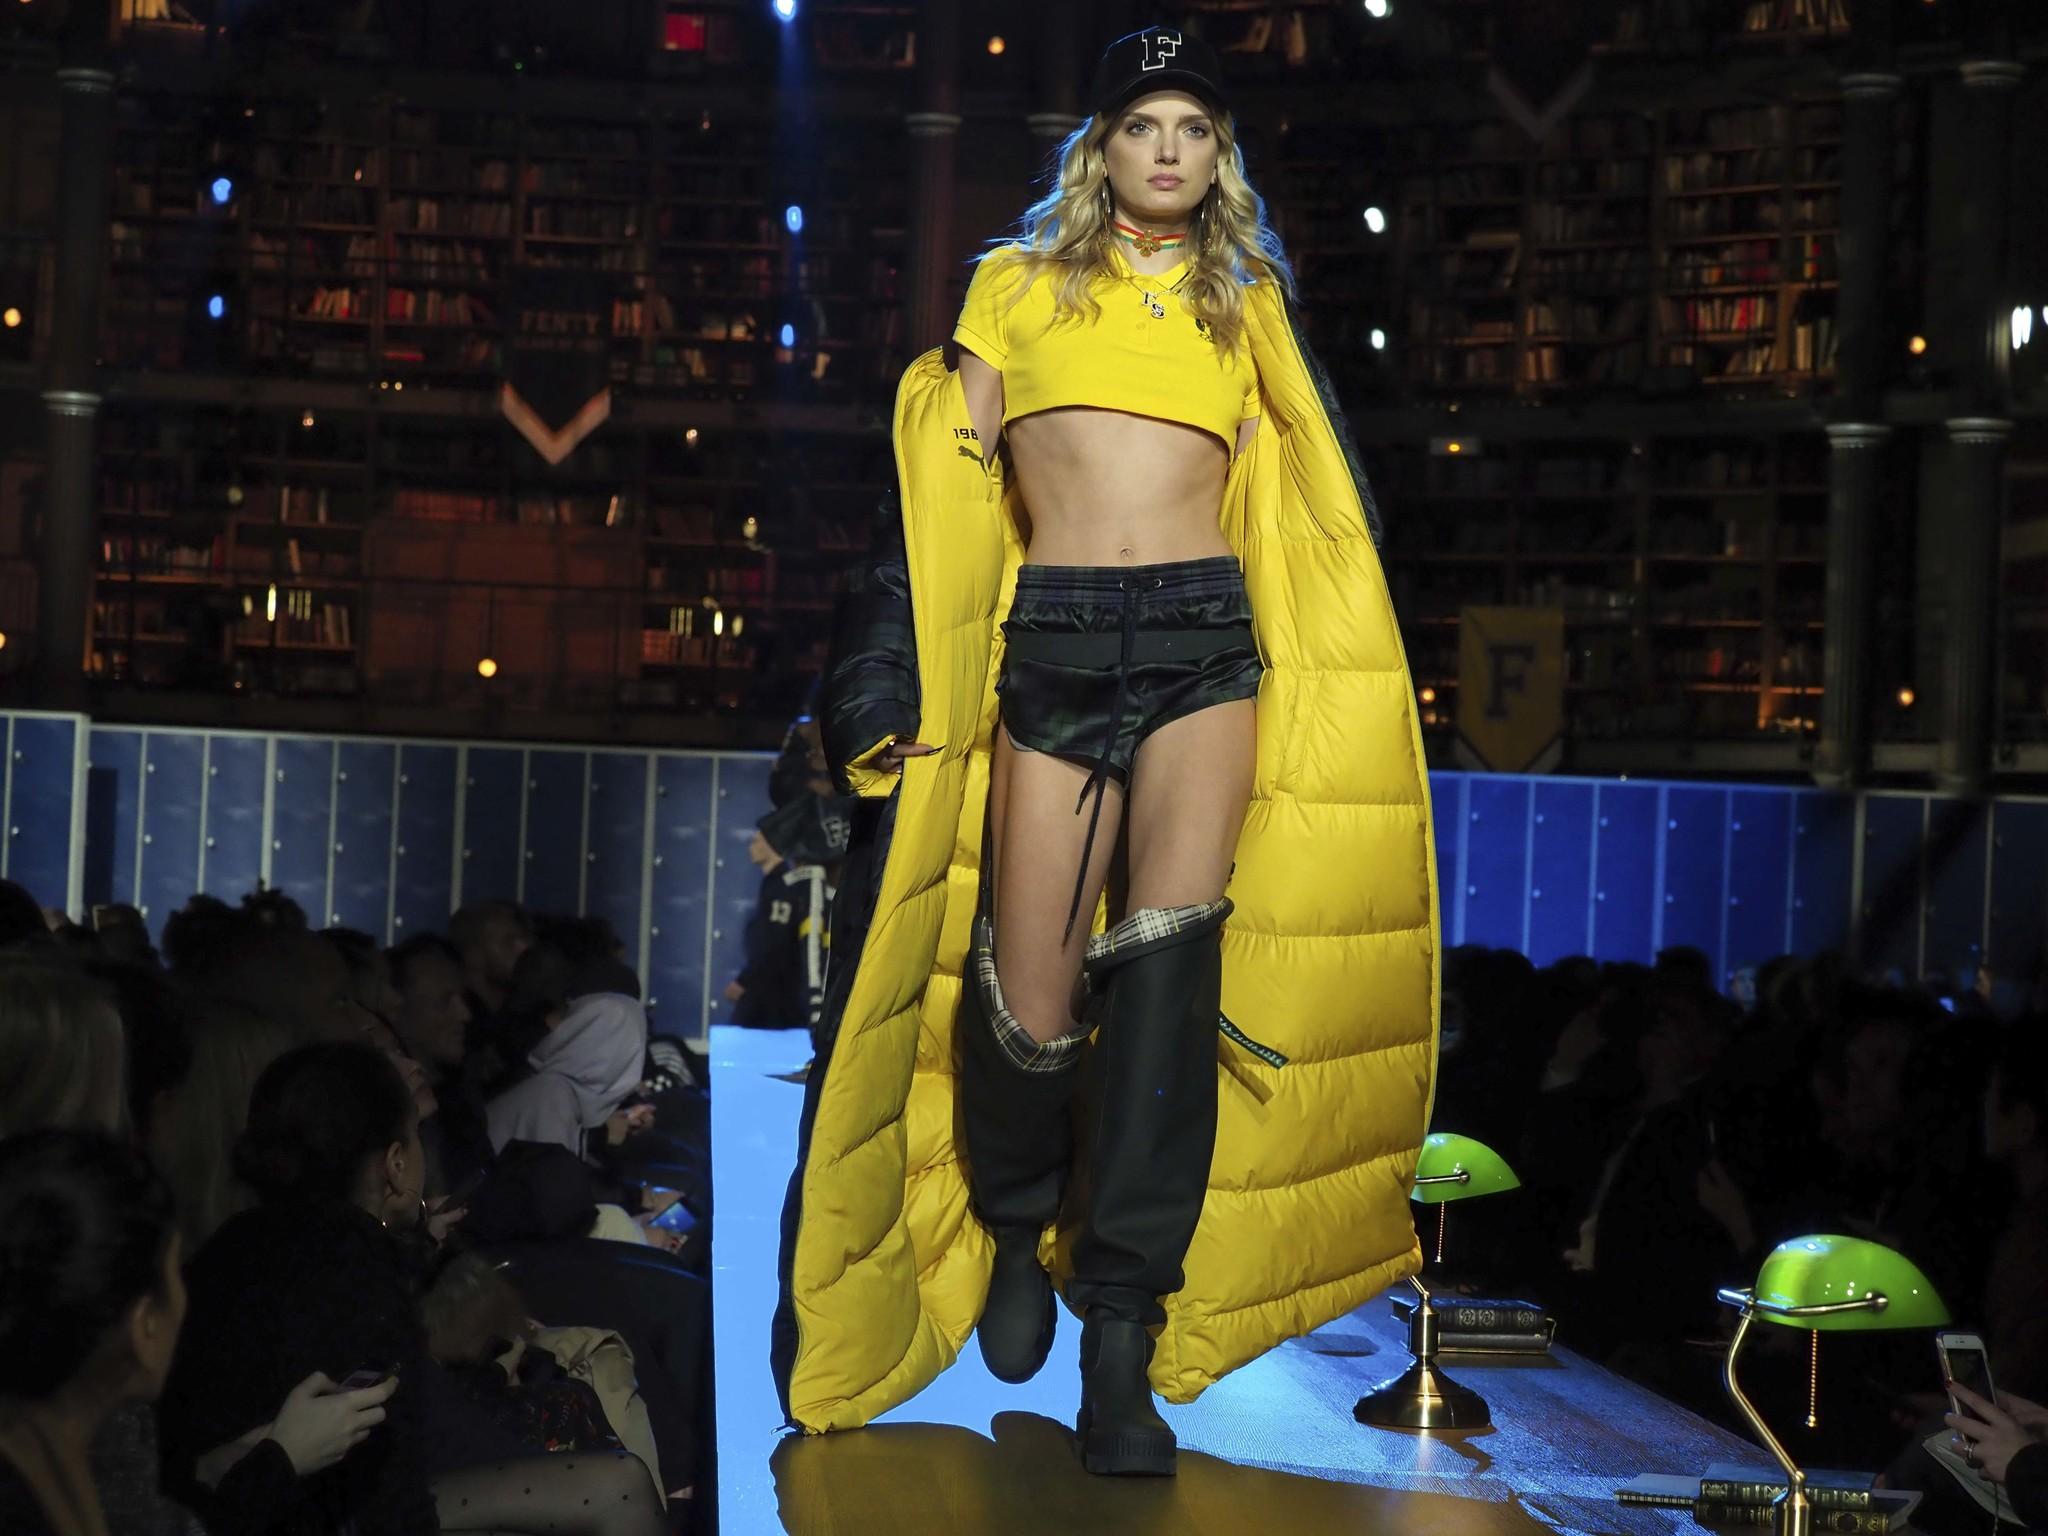 Rihanna presentó su nueva colección de ropa  en la Semana de la Moda en París [VIDEO]